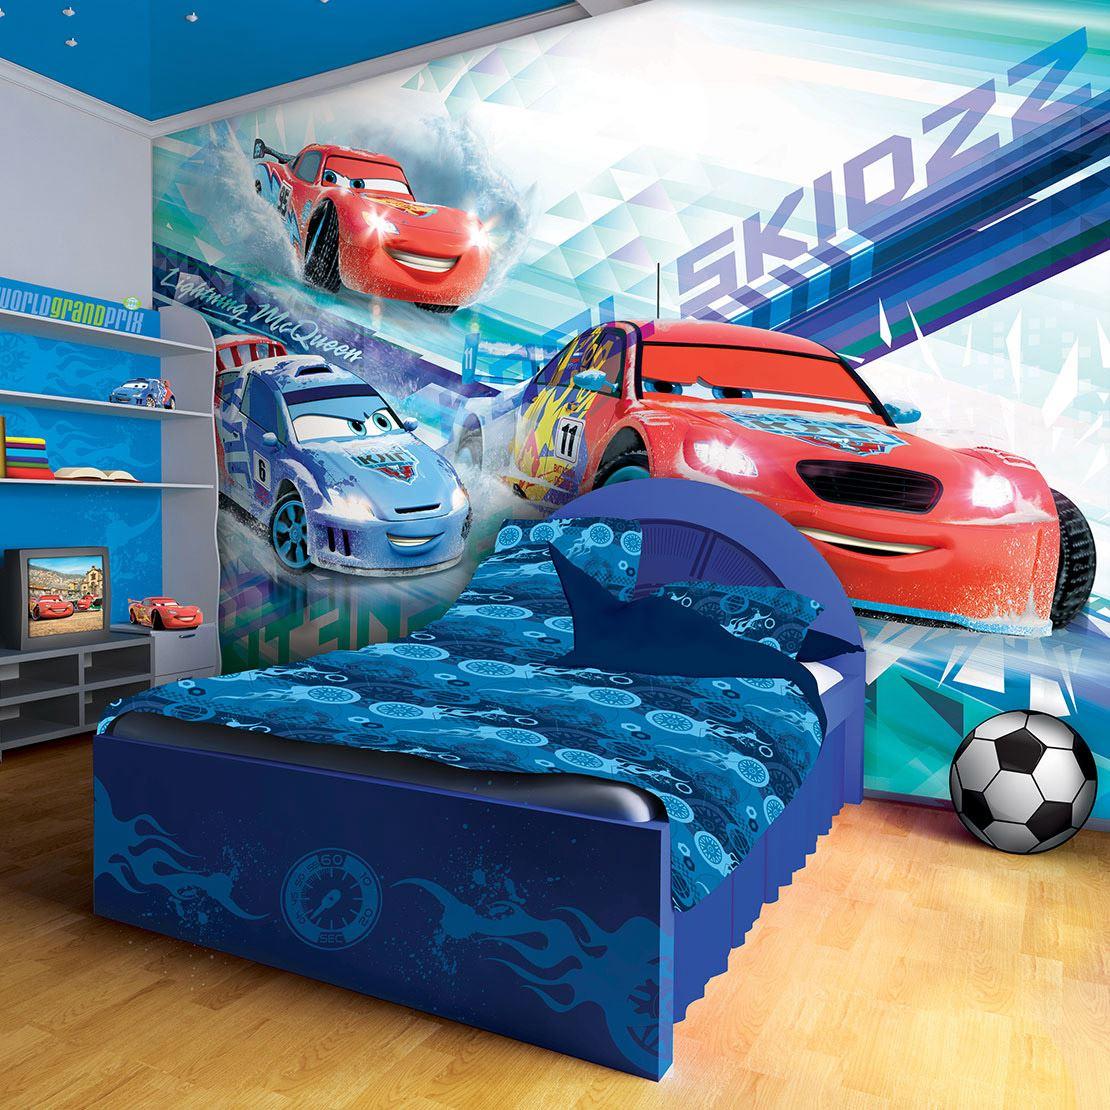 papier peint disney cars flash raoul plusieurs dimensions lesaccessoires. Black Bedroom Furniture Sets. Home Design Ideas